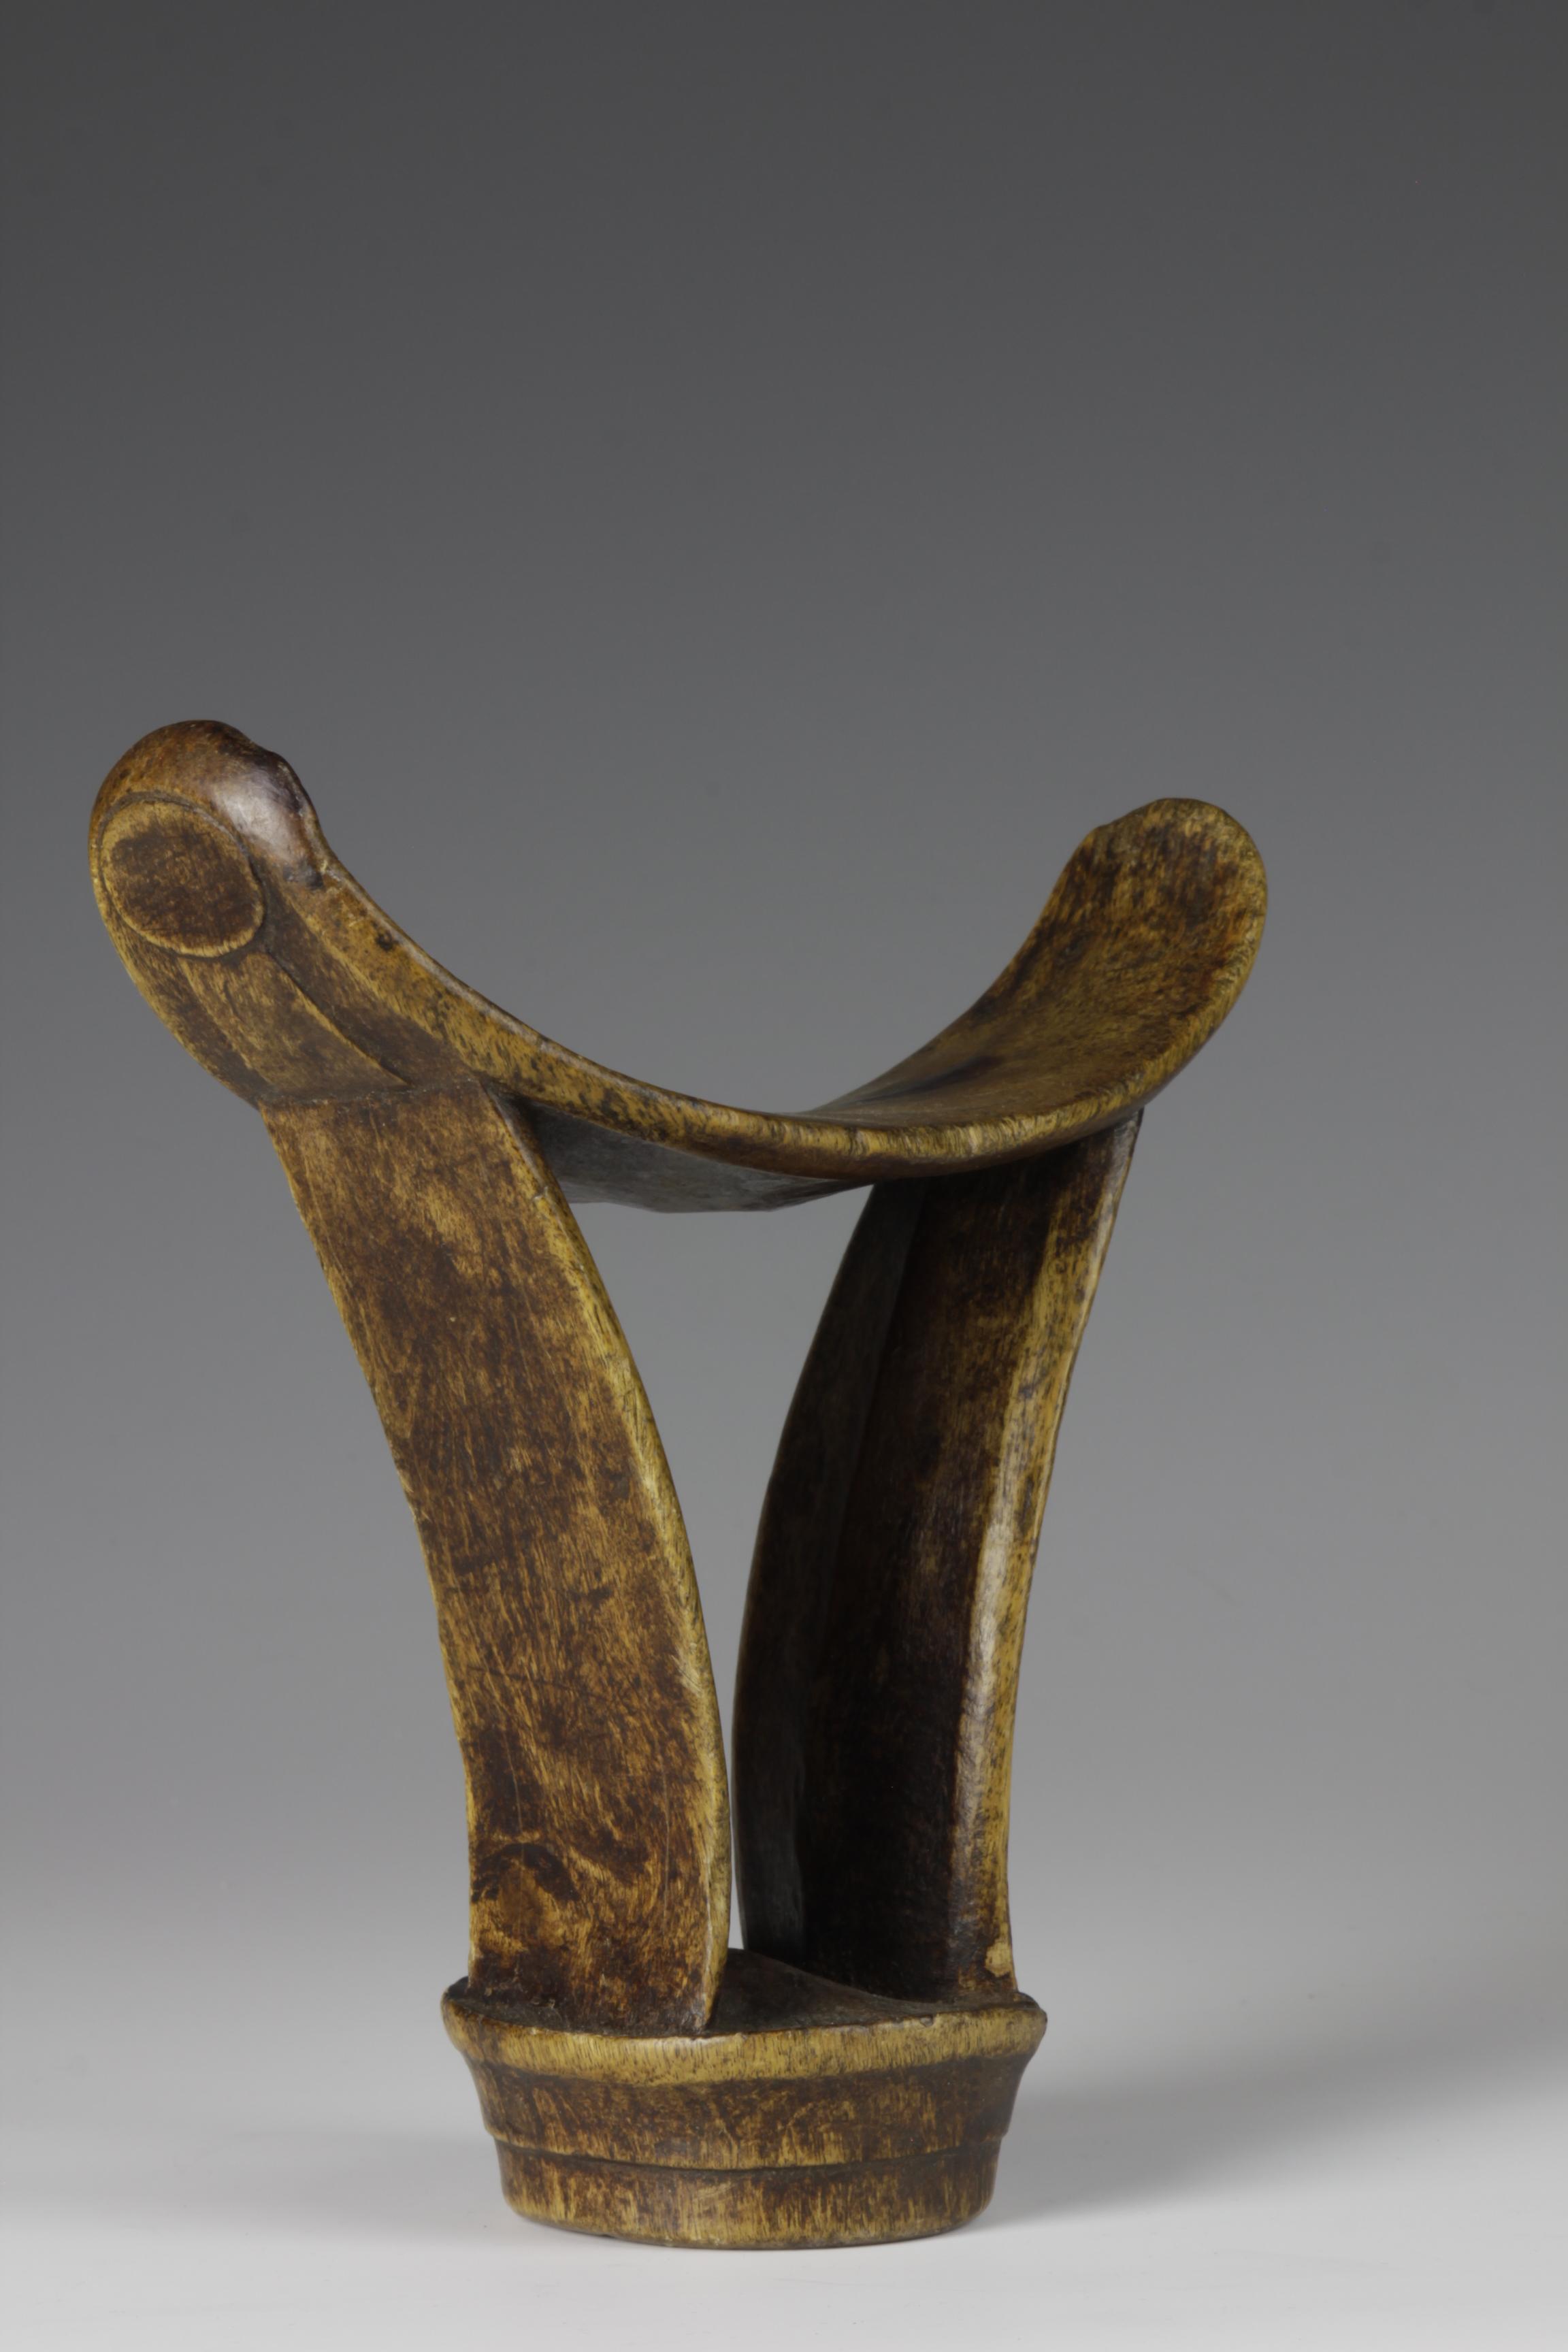 Afar/Somali Headrest